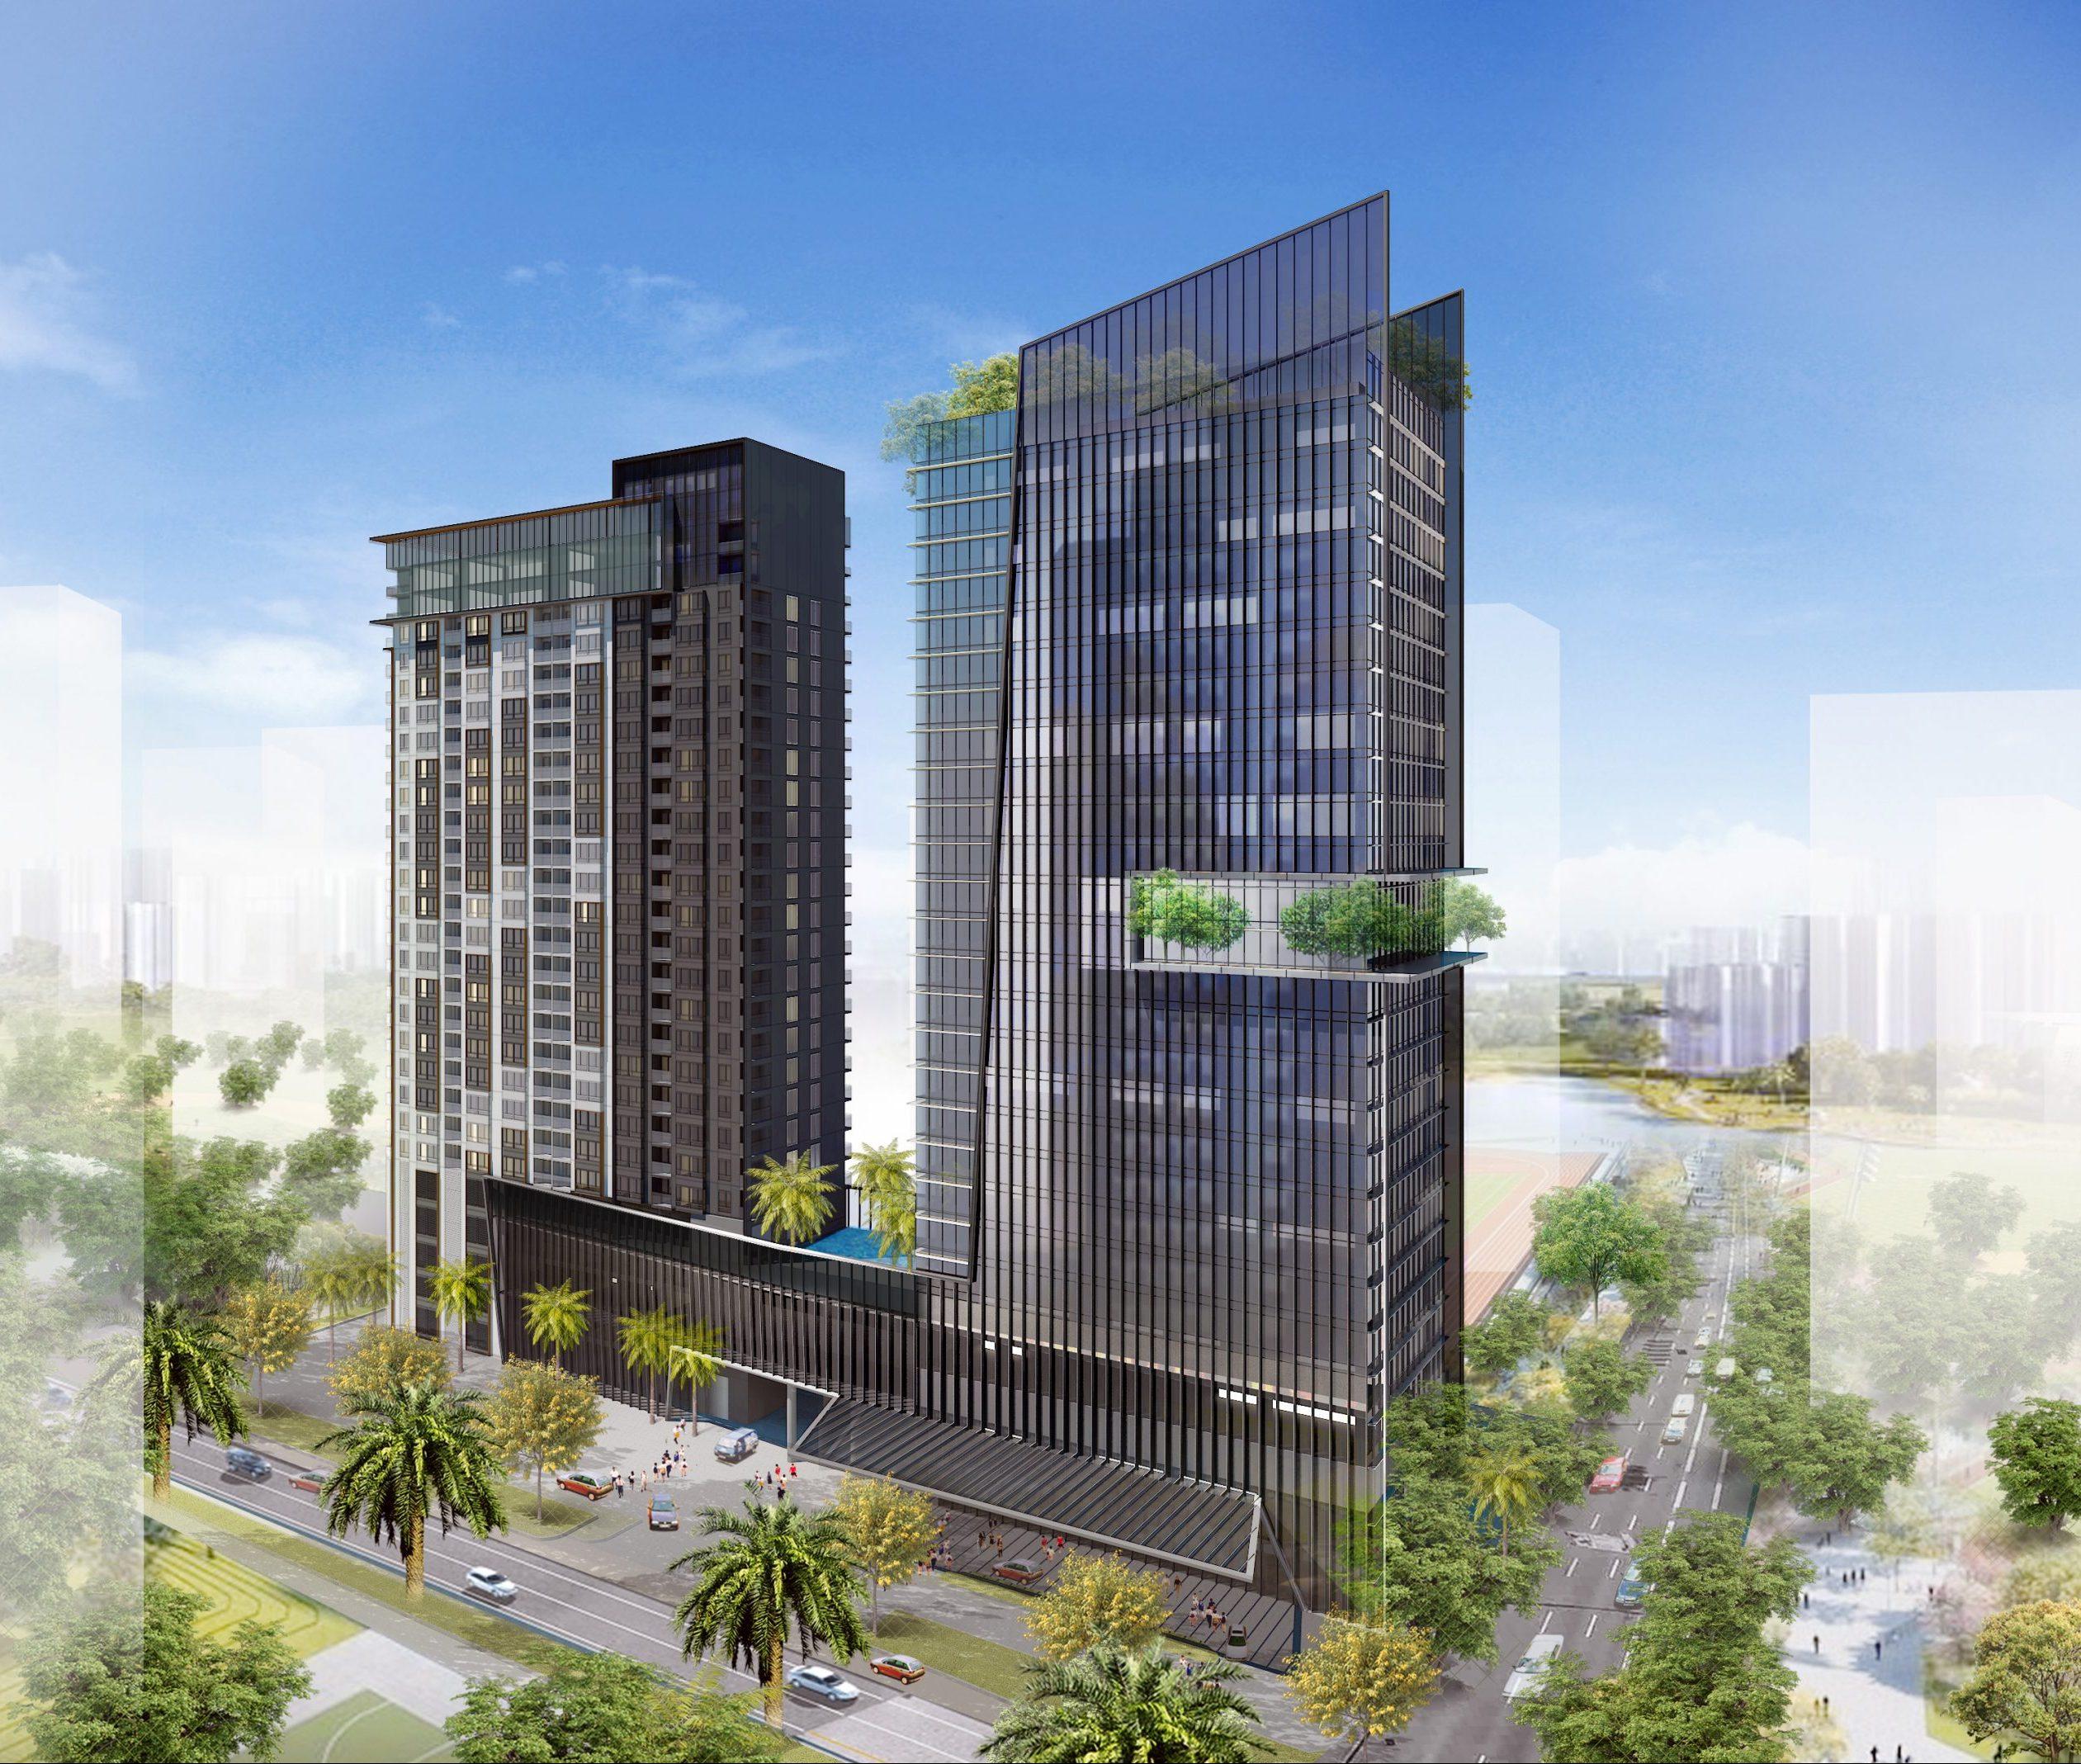 Dự án căn hộ 152 Điện Biên Phủ, Bình Thành - Mua bán giá TỐT NHẤT